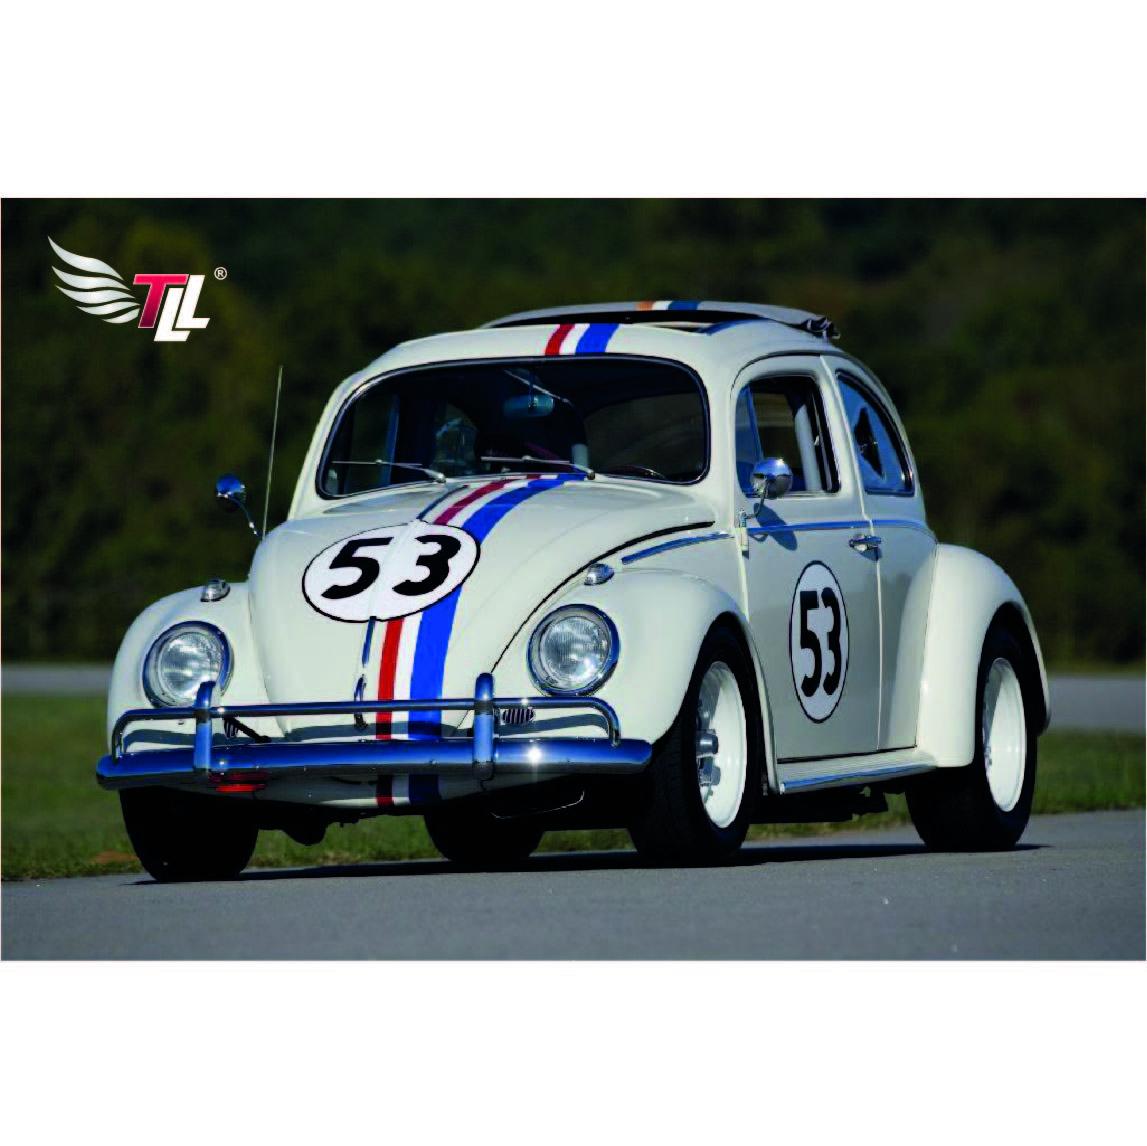 Herbie es el legendario Beetle con el número de carreras 53 y el ...